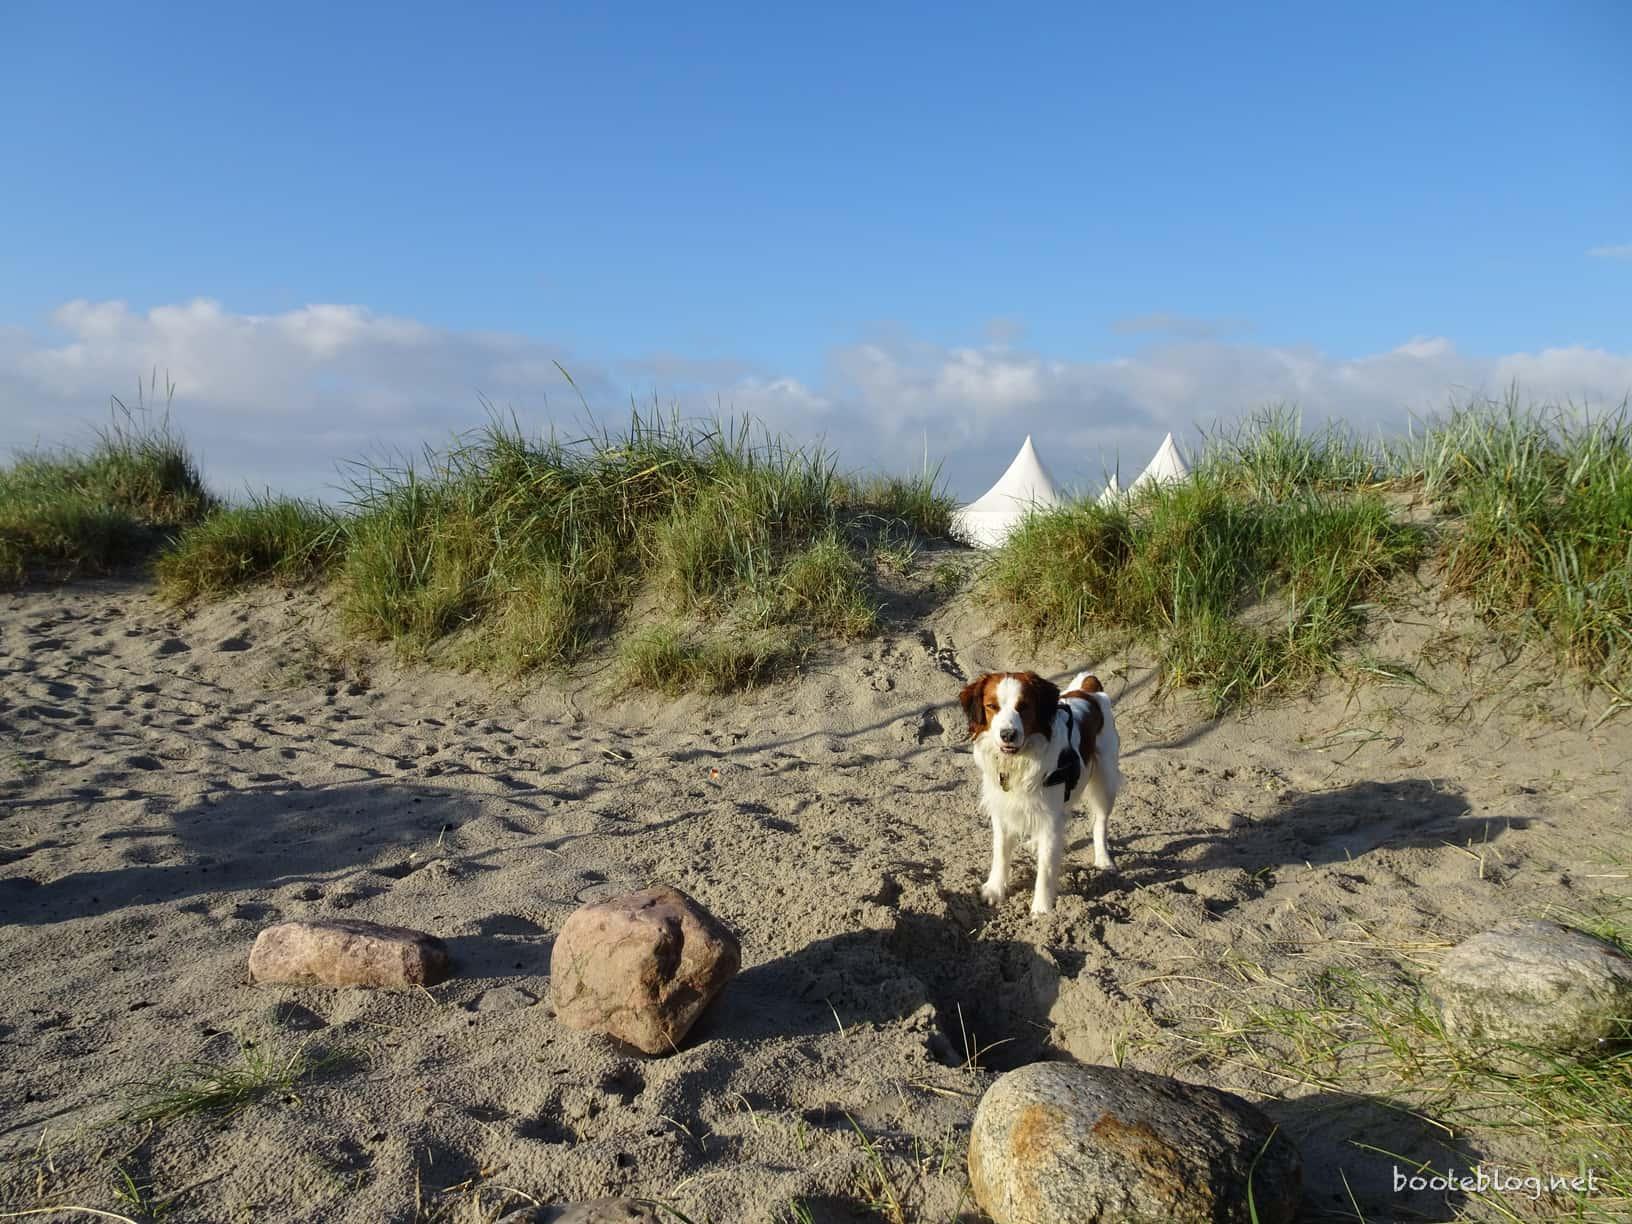 Damp morgens um sieben Uhr: Schönes Licht, lange Schatten, hübscher Hund.